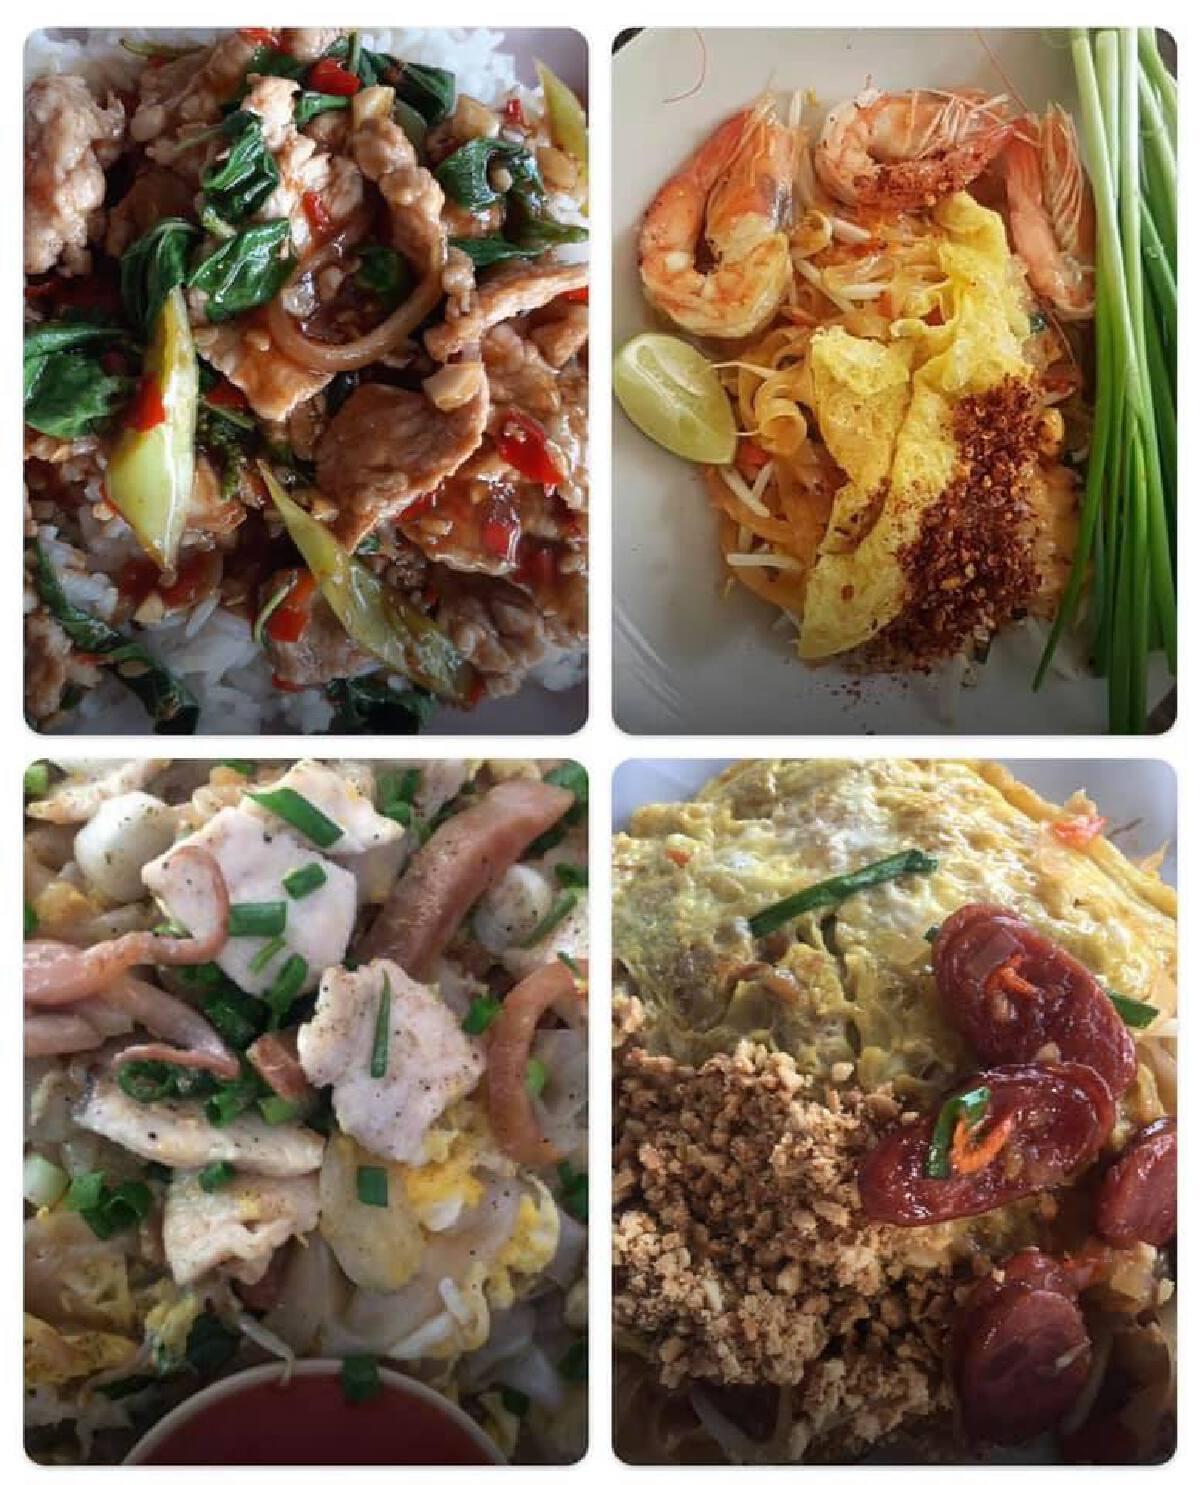 กำปั้นอดีตเเชมป์โลกชาวไทย สู้ชีวิต ผันตัวเป็นพ่อครัวหารายได้เสริม